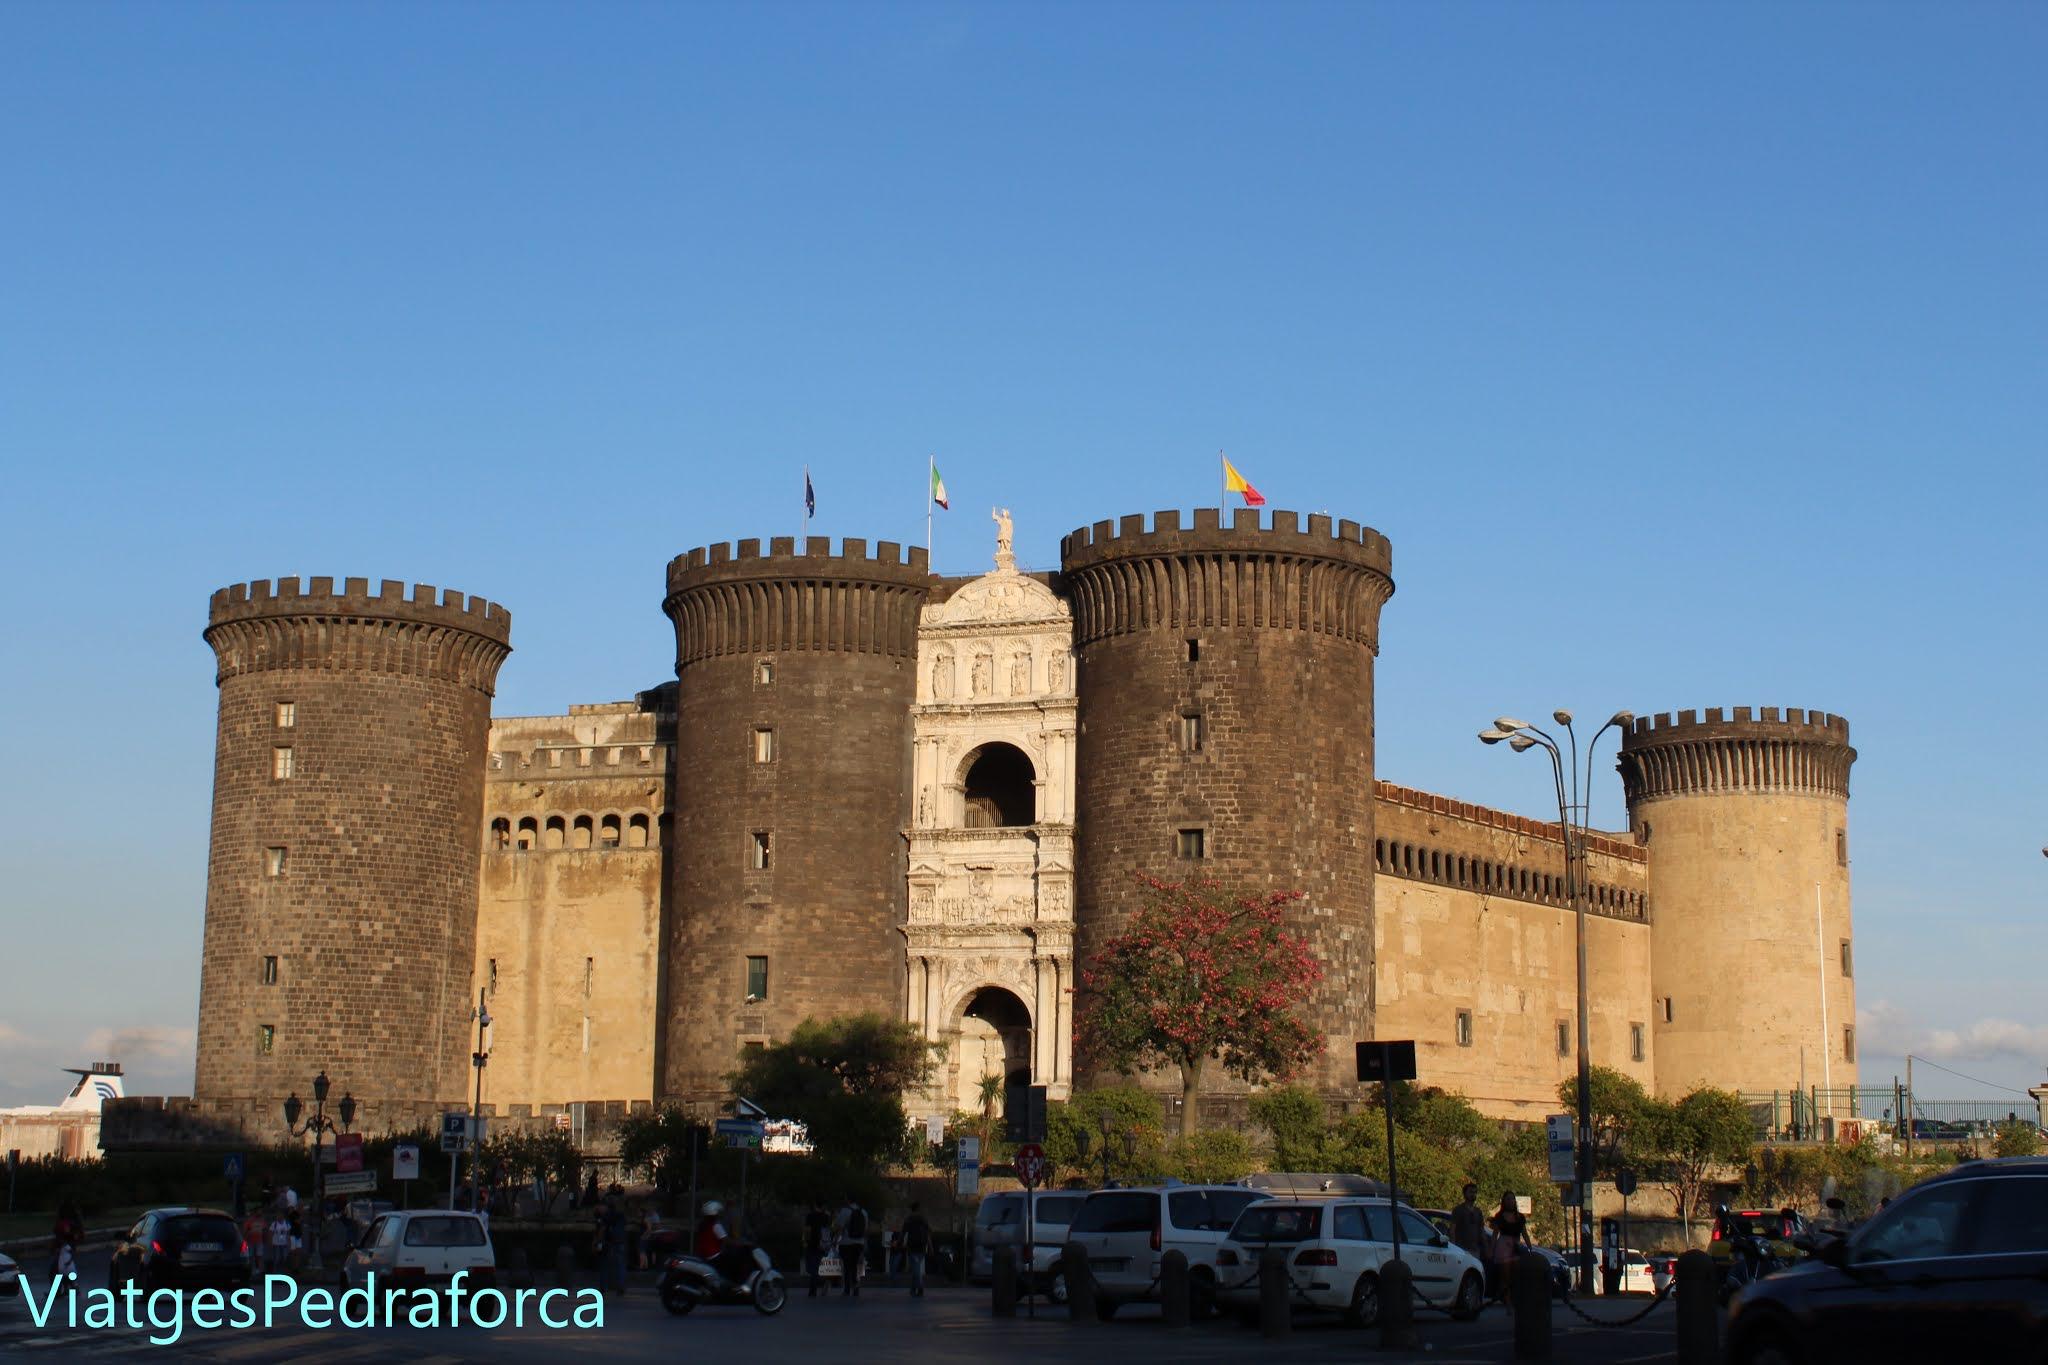 Campània, Itàlia, Patrimoni de la Humanitat, els millors castells d'Europa, patirmoni cultural